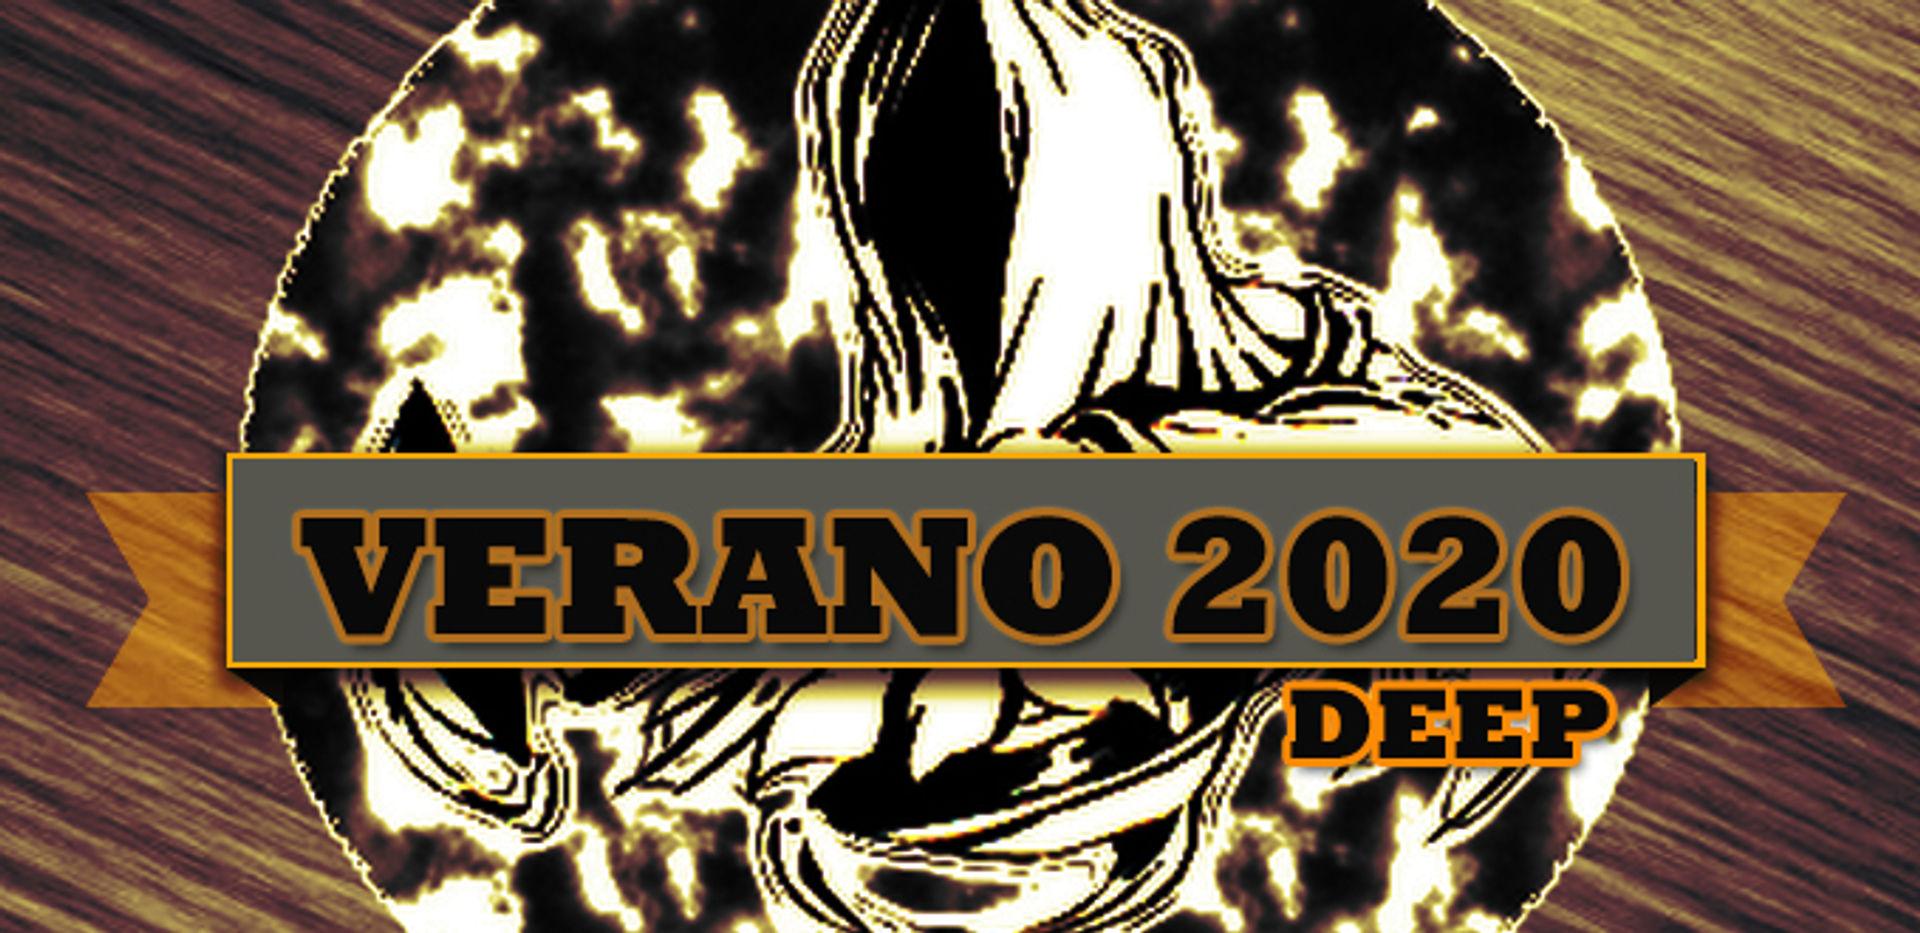 DPani - Verano del 2020 (Deep Version).m